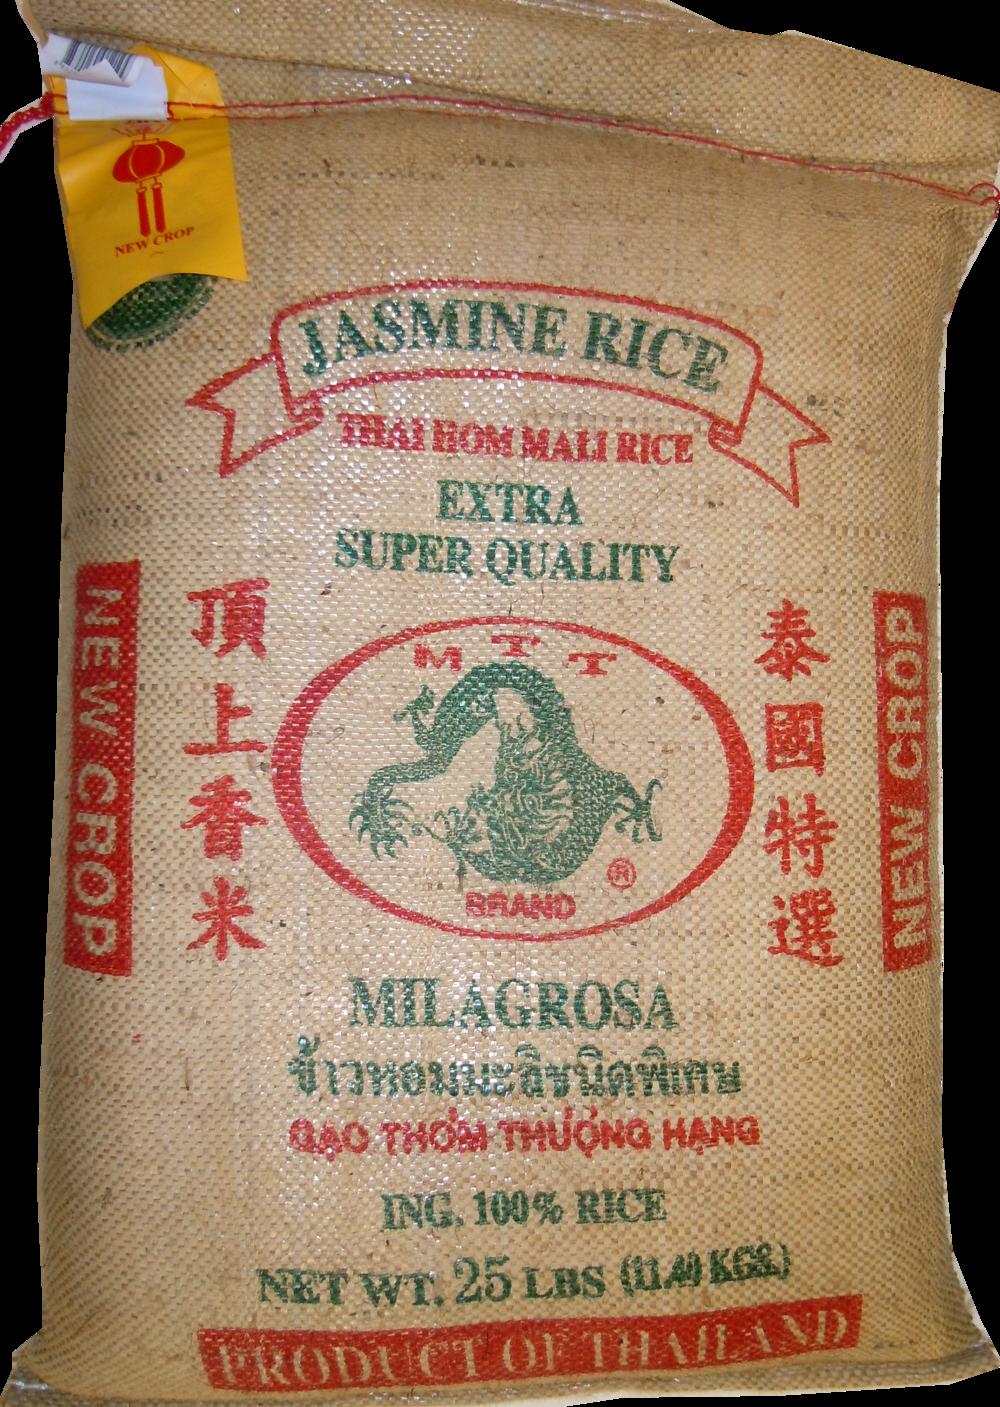 MTT Jasmine Rice